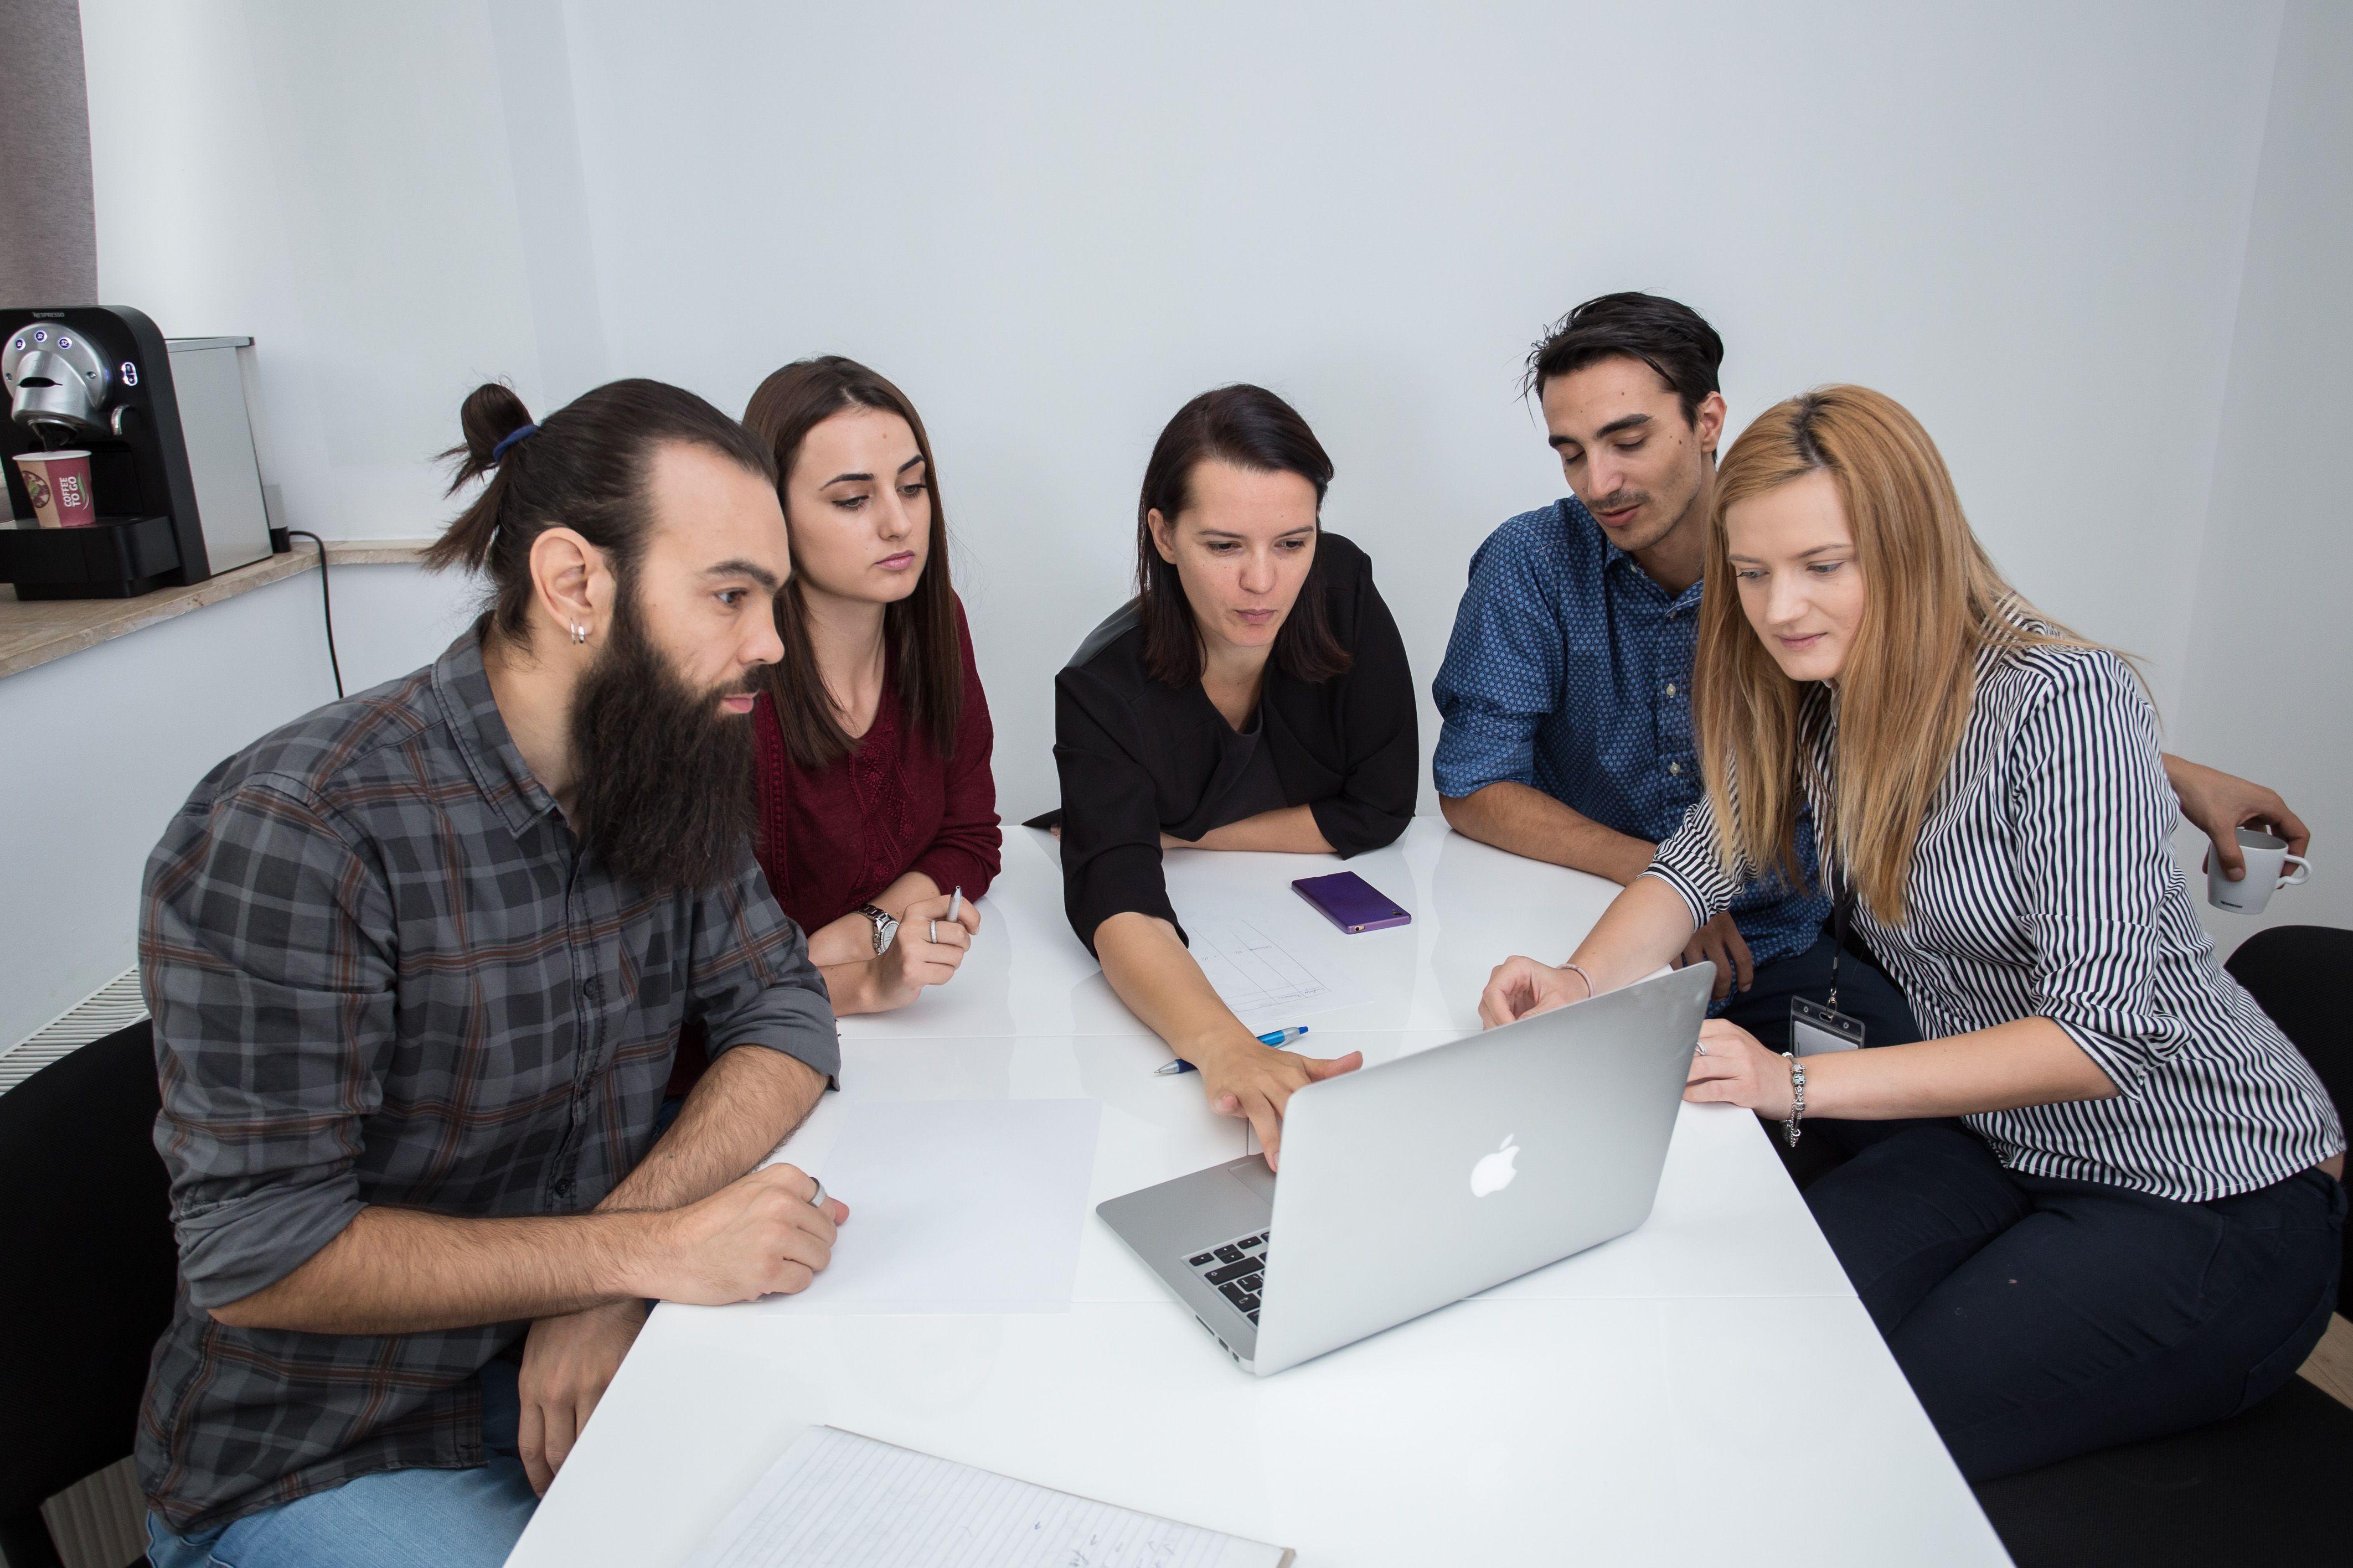 Pourquoi les Freelancers cessent d'être indépendants?